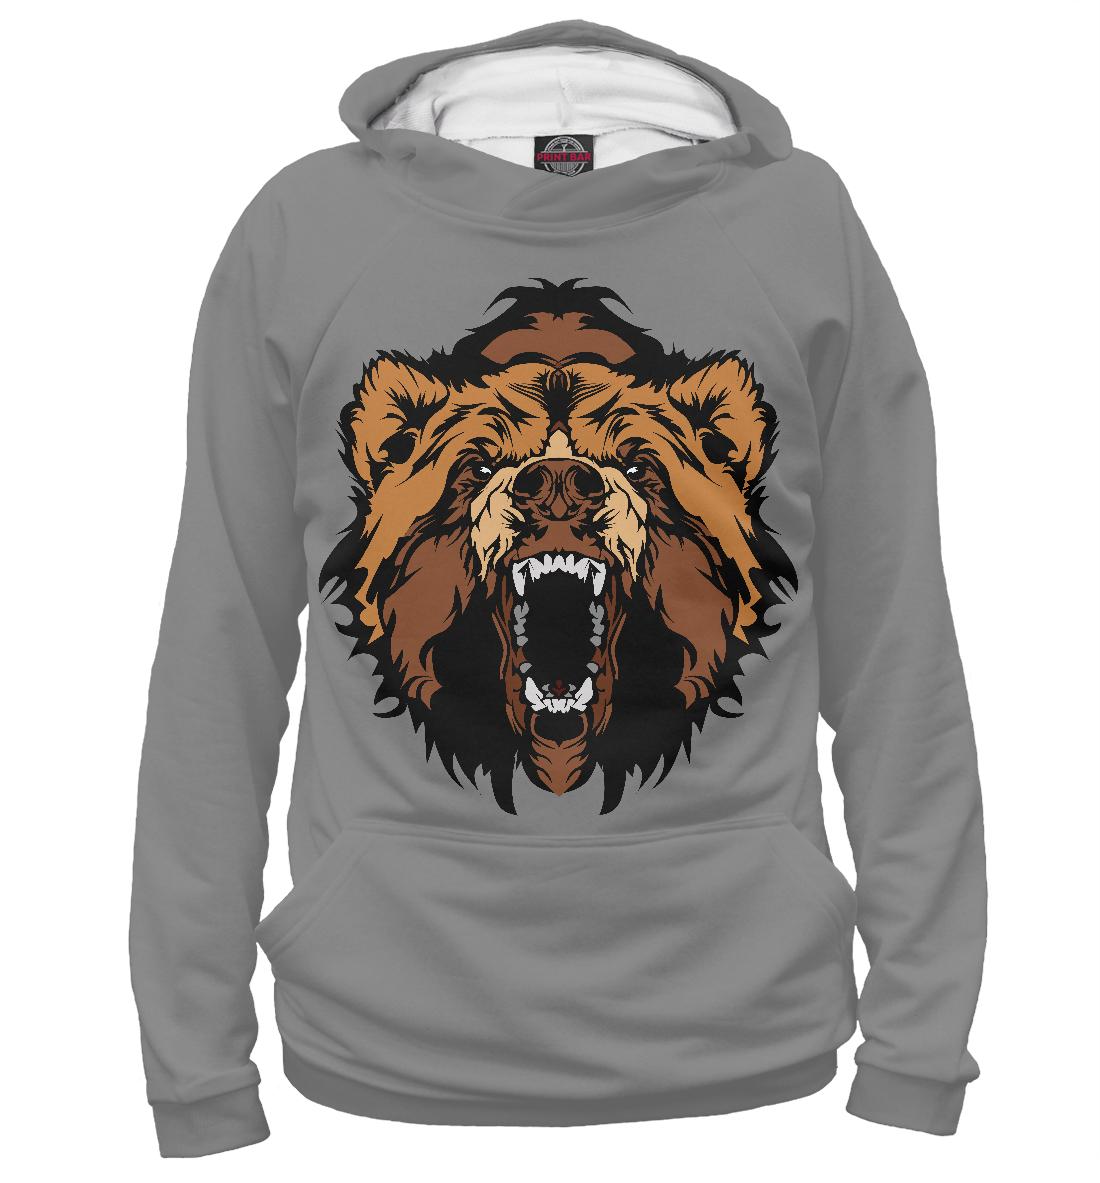 Купить Злой Медведь, Printbar, Худи, MED-793758-hud-2